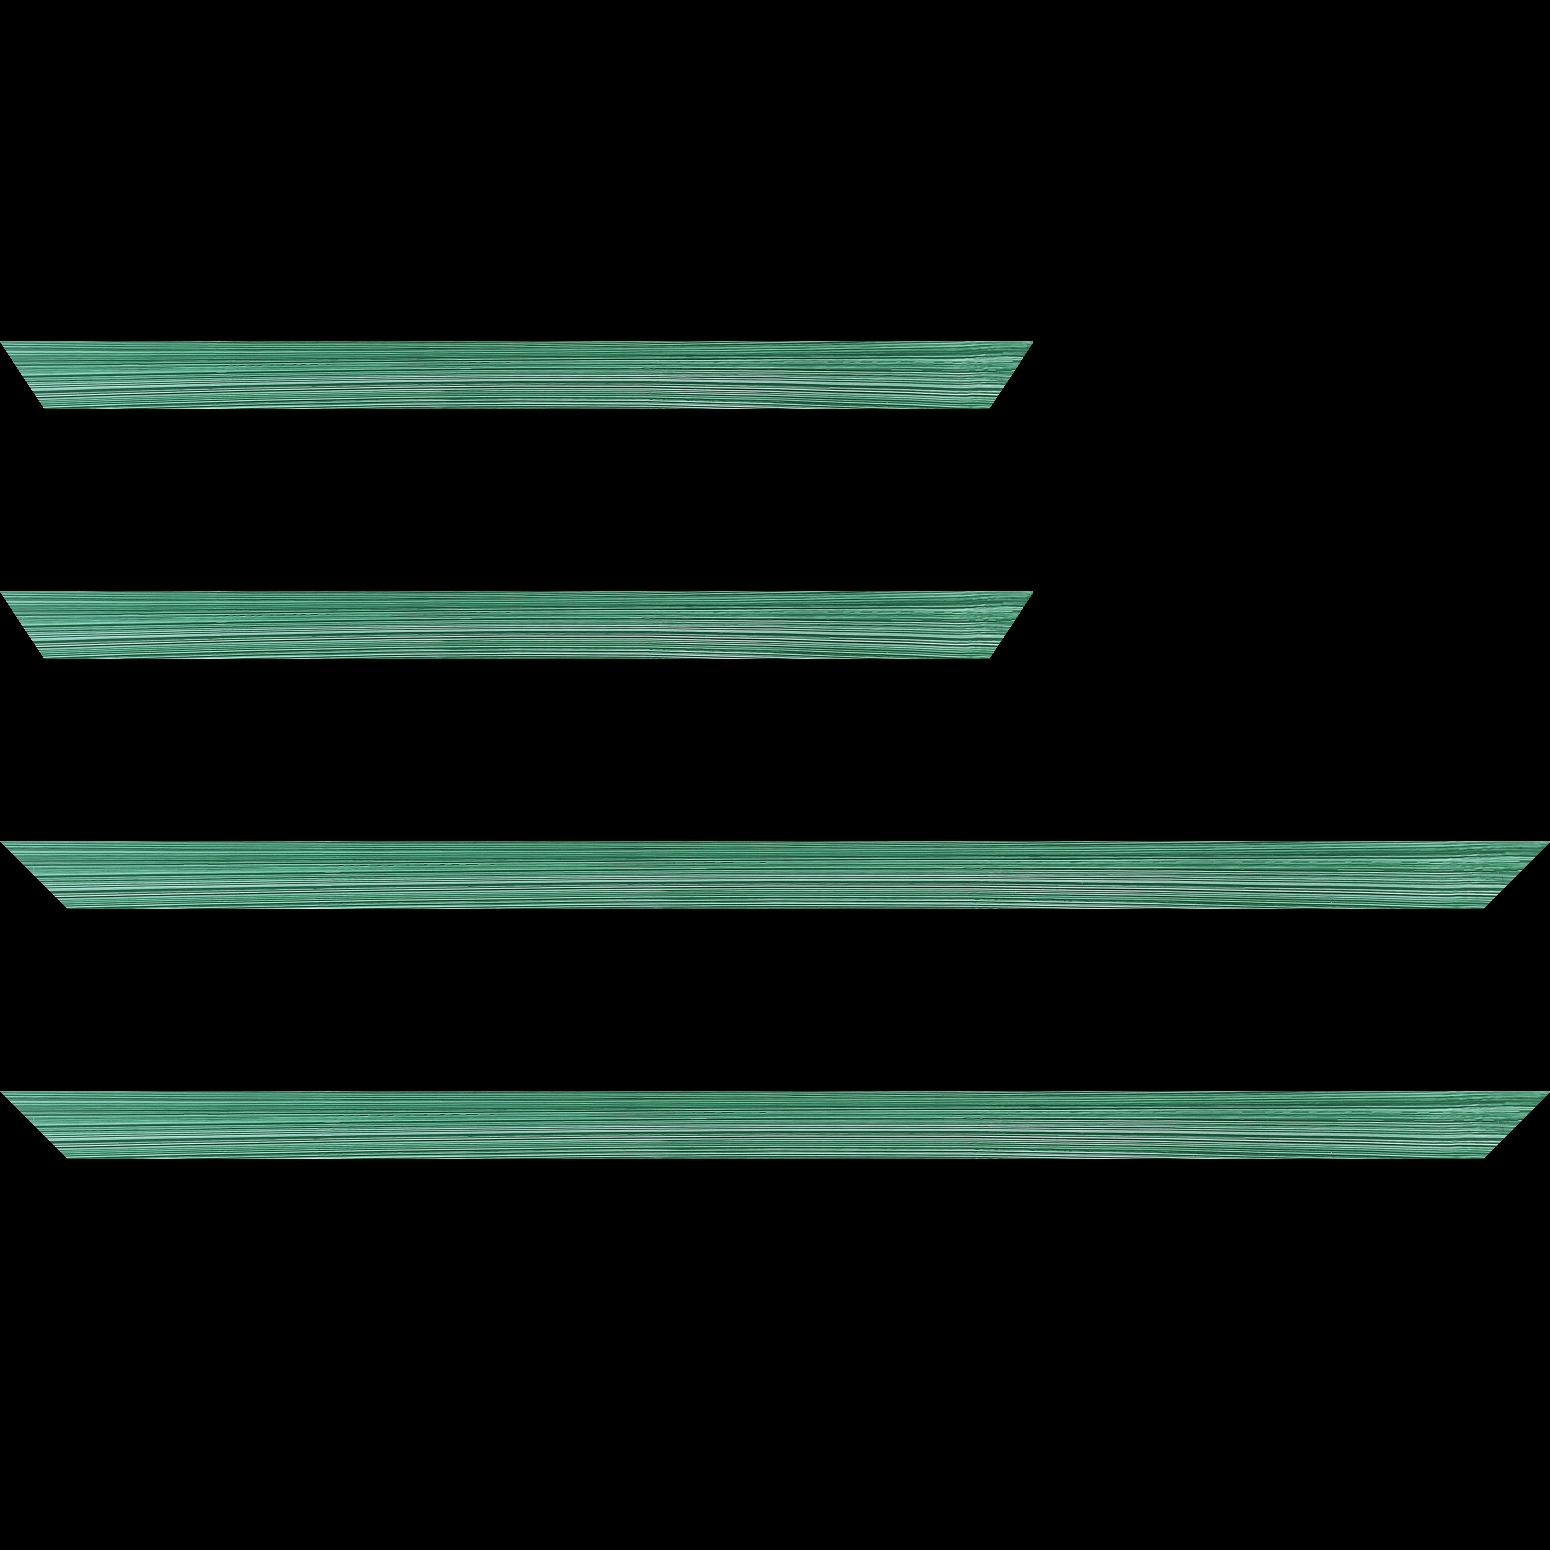 Baguette service précoupé Bois profil concave largeur 2.4cm couleur vert tropical effet matière fond blanc